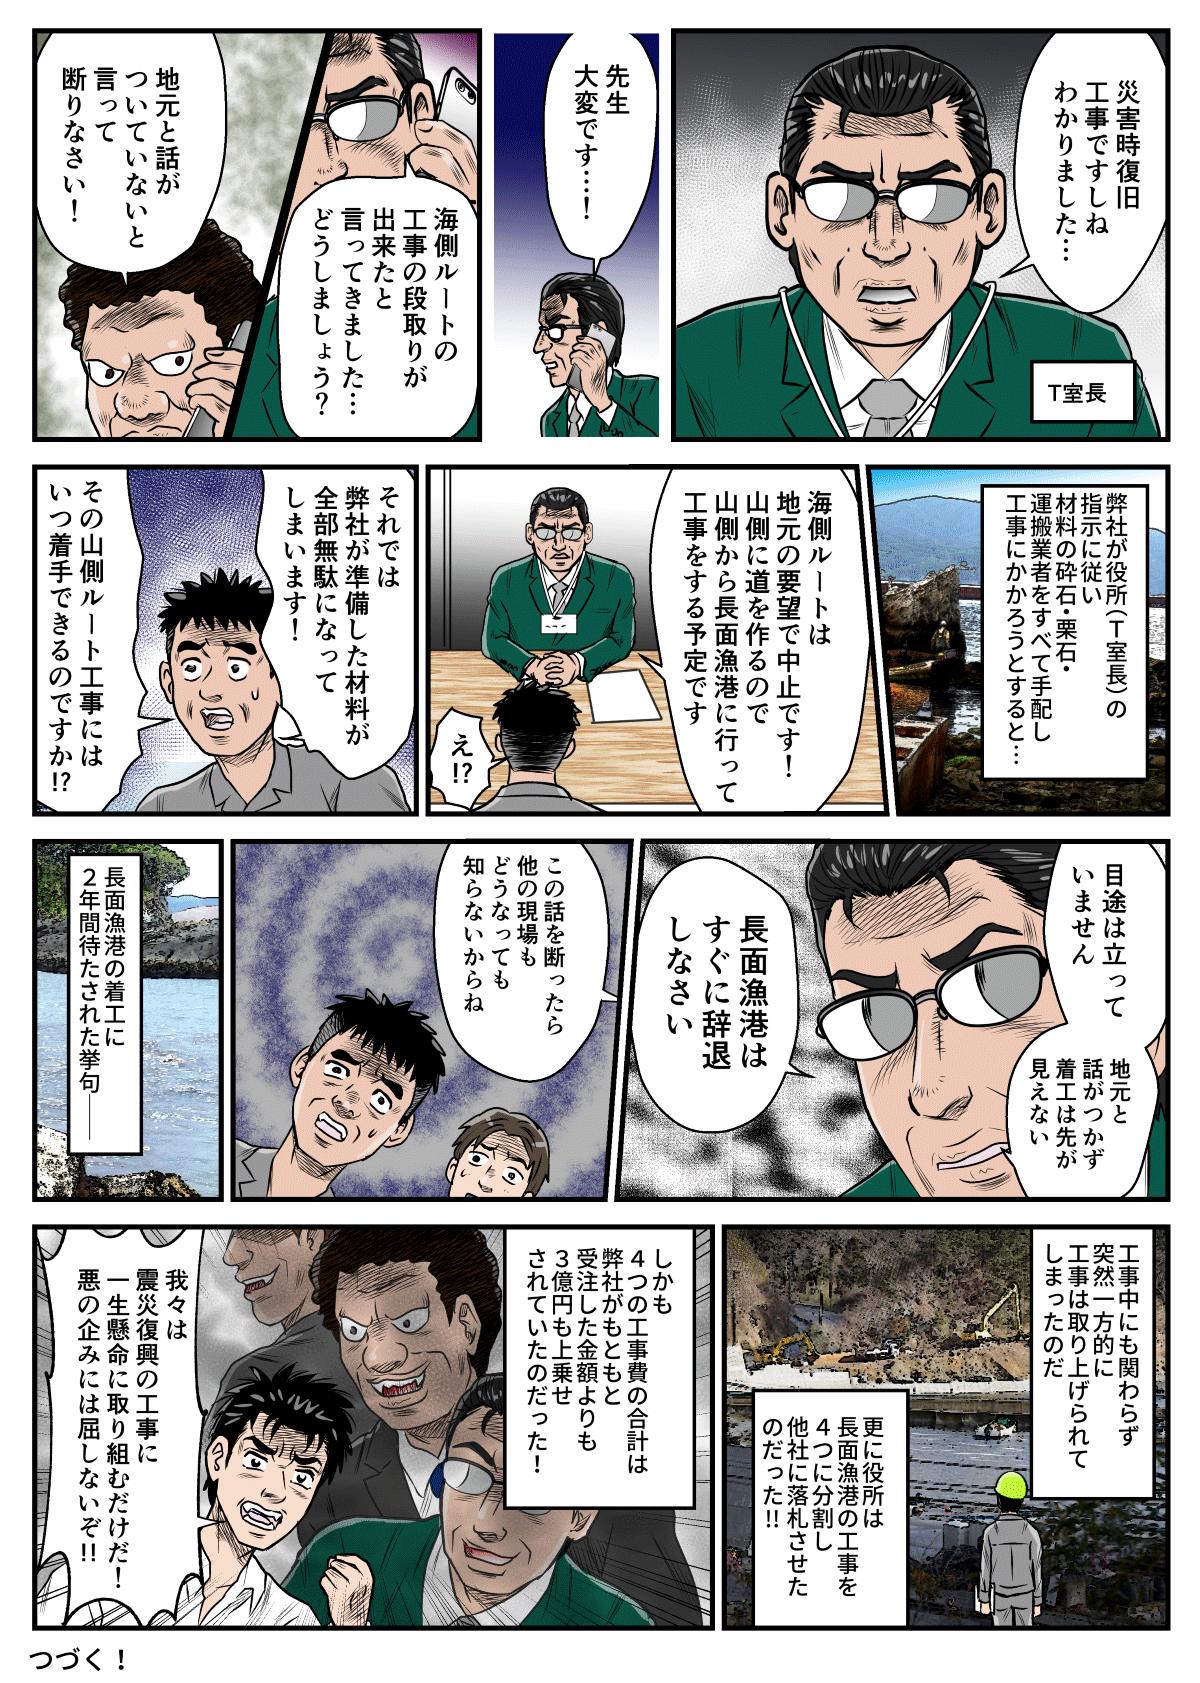 touhoku0703